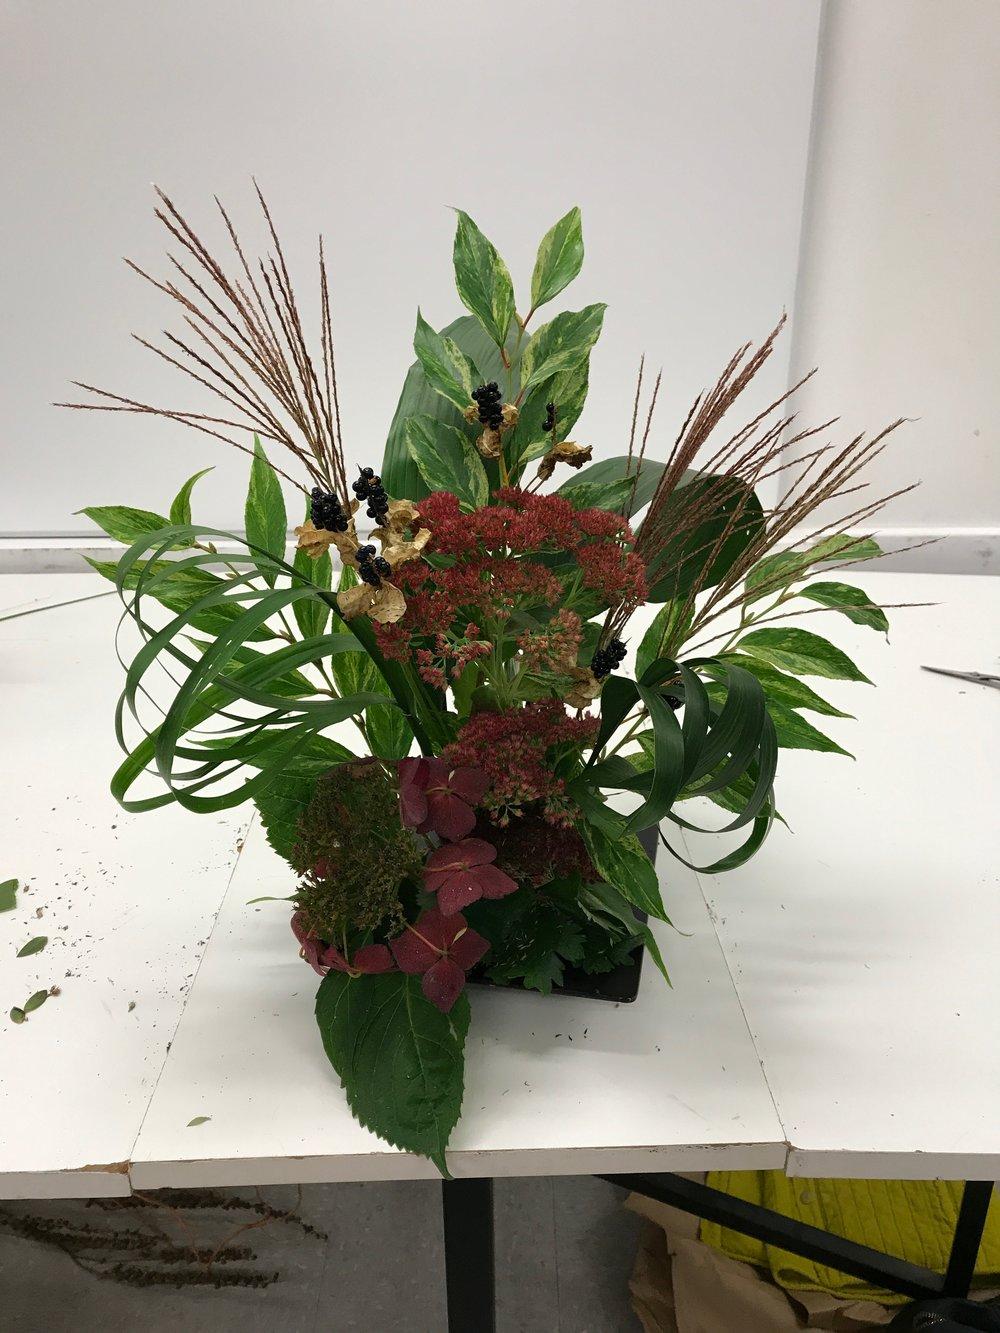 Floral workshop, 10-18-17over,  MA, October 18, 2017 - 1 of 16 (13).jpg